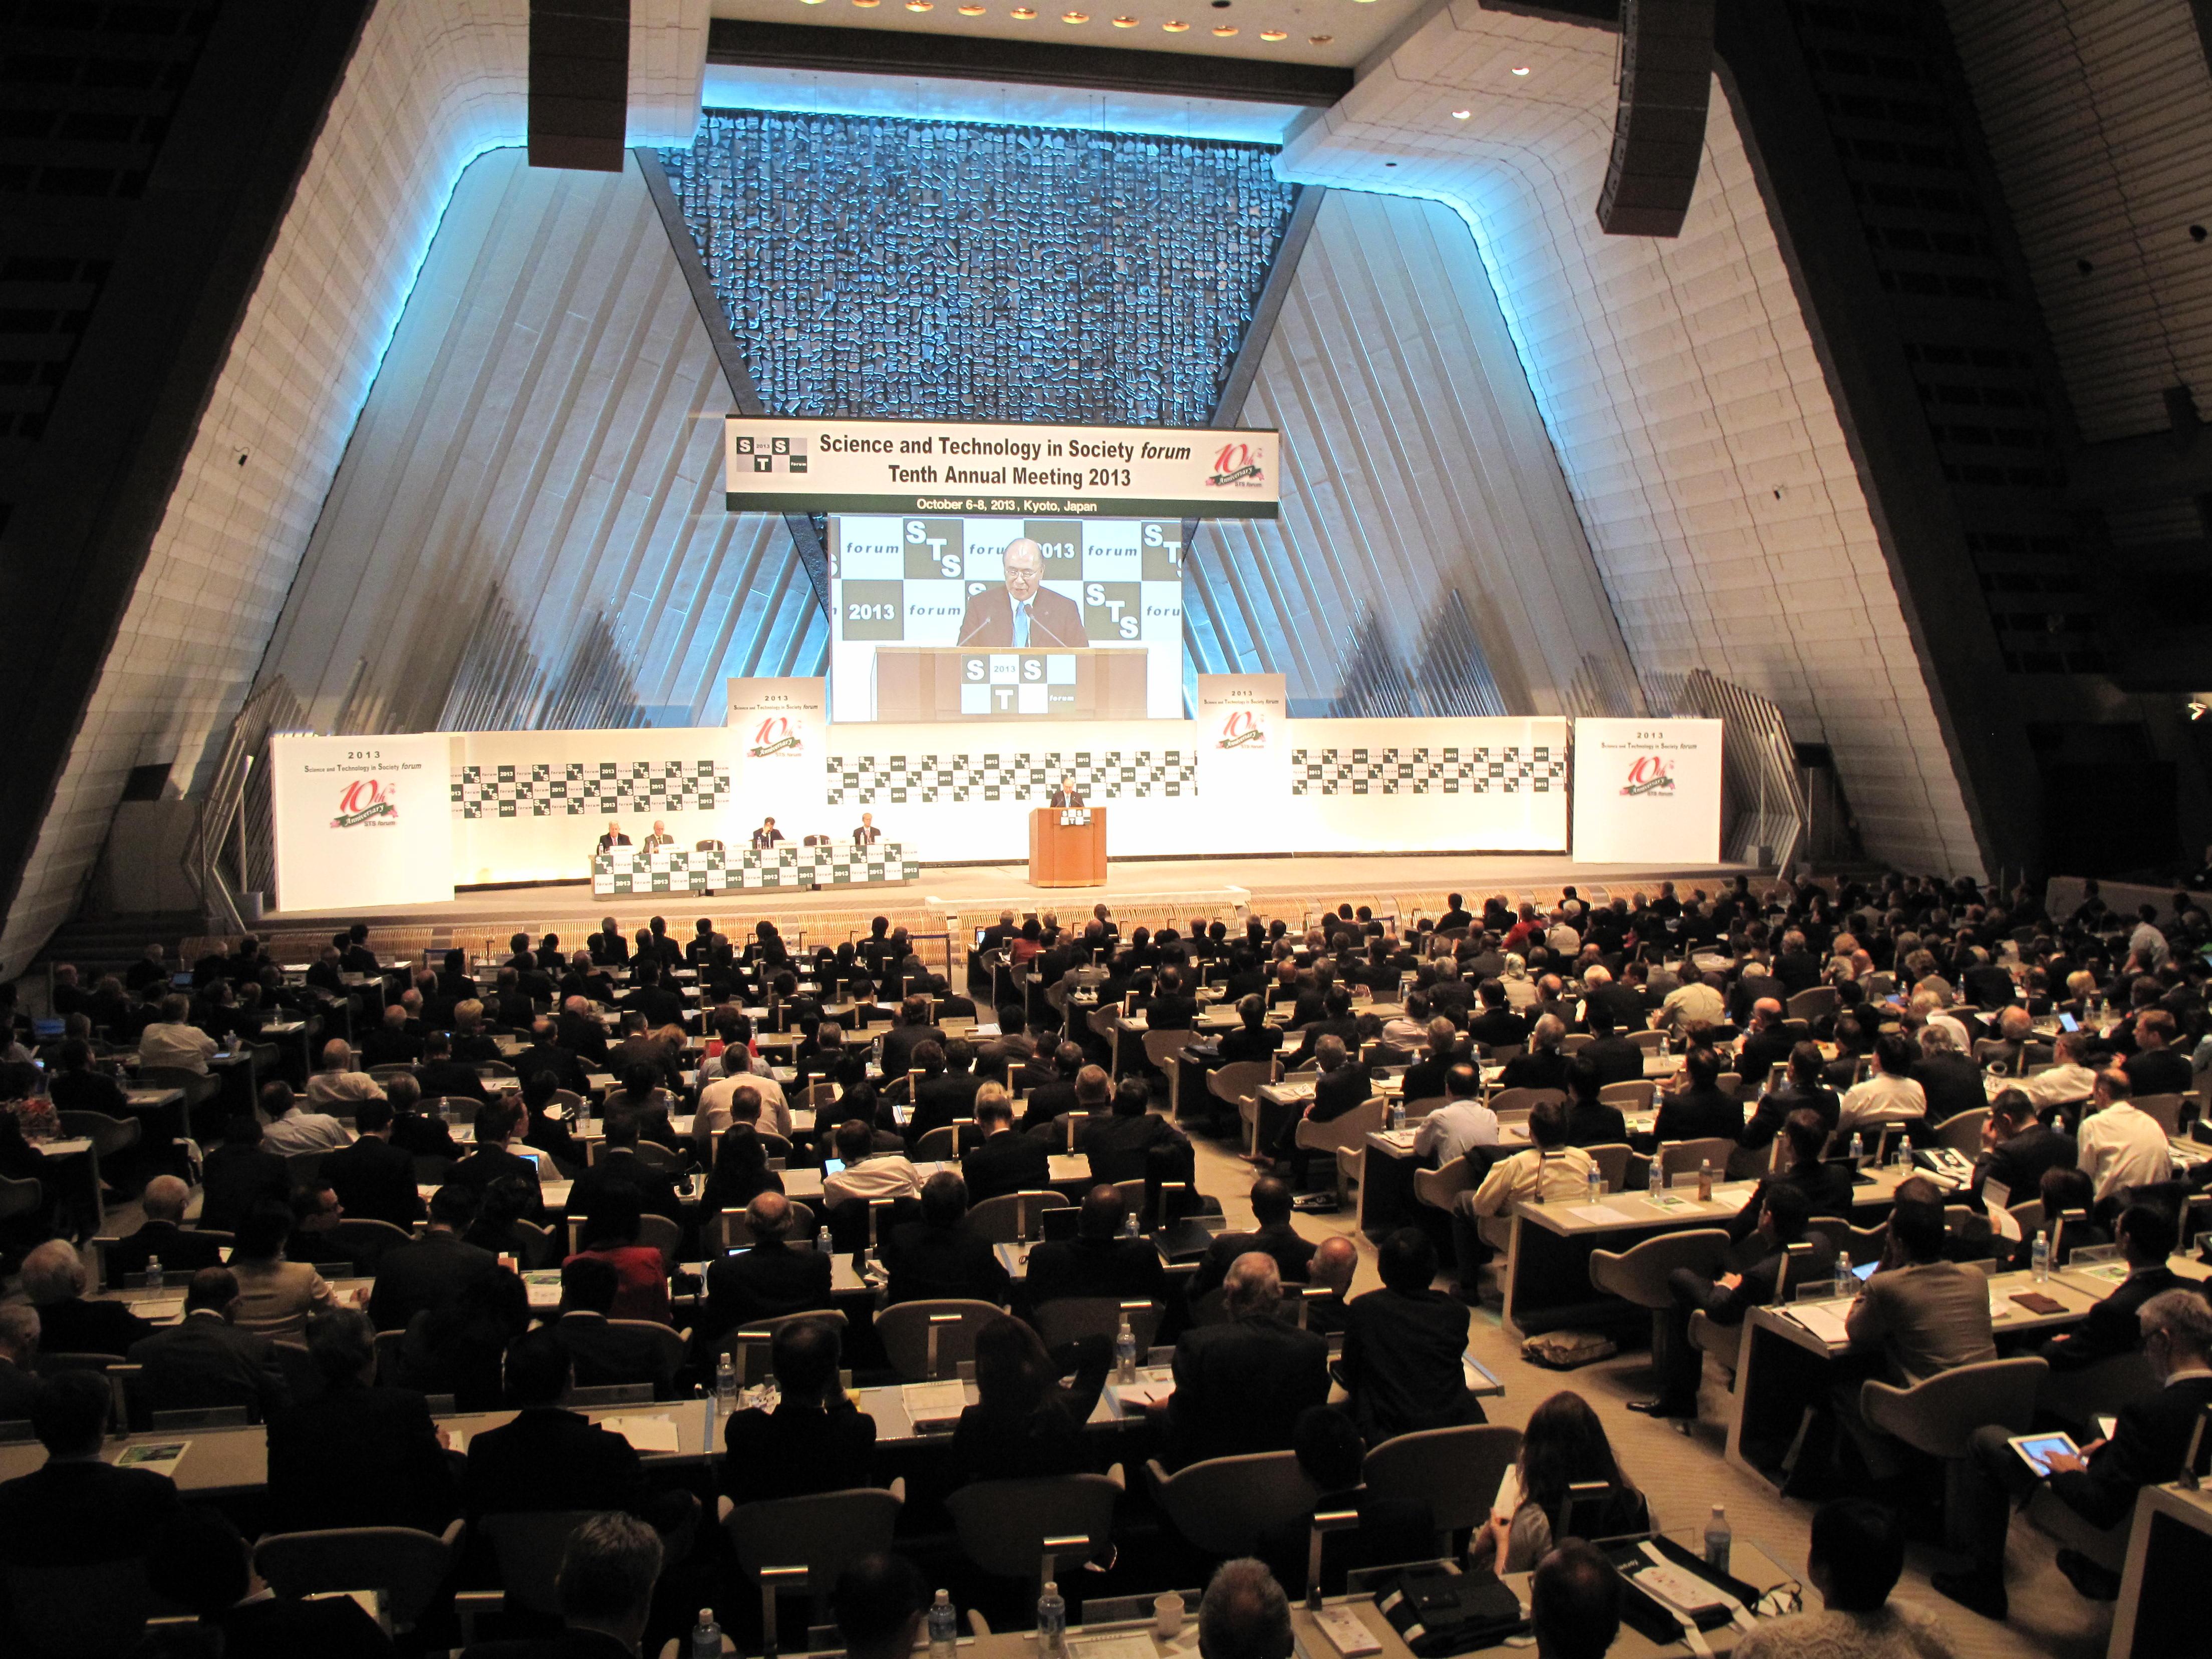 1000人もの有識者が国立京都国際会館で開催されたSTSに出席した (6 Oct 2013)